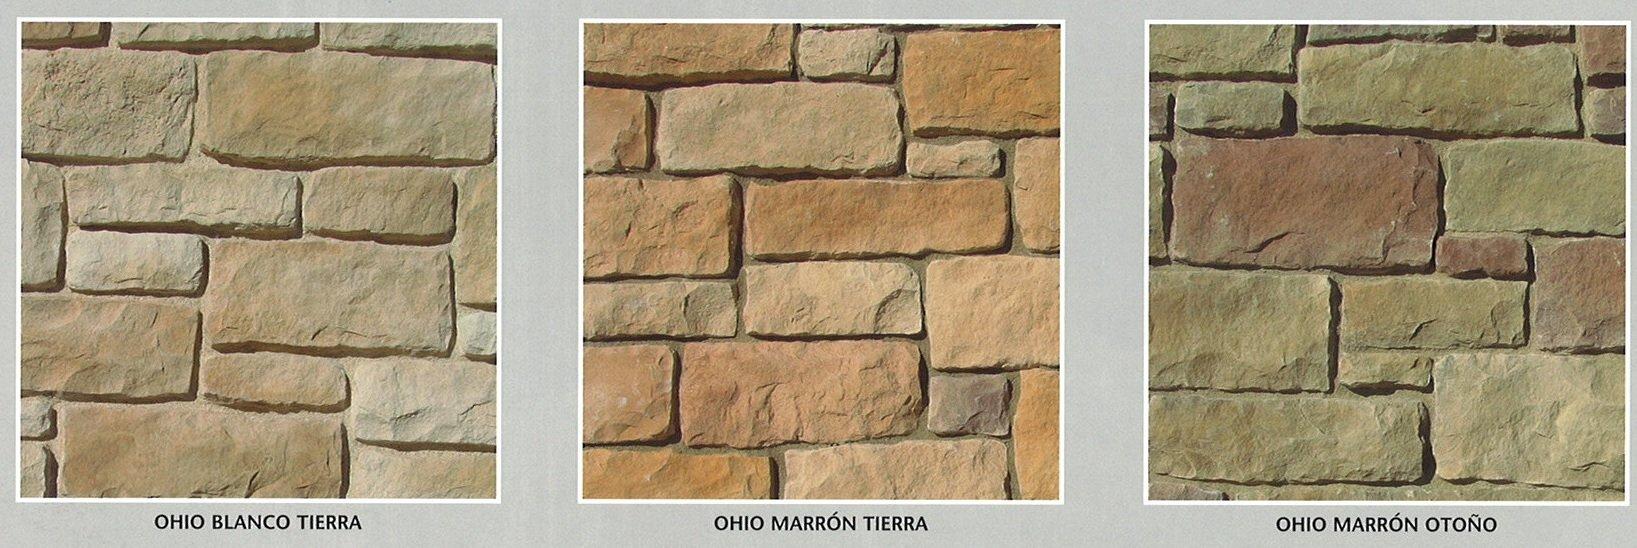 piedra cultivada ohio modelos